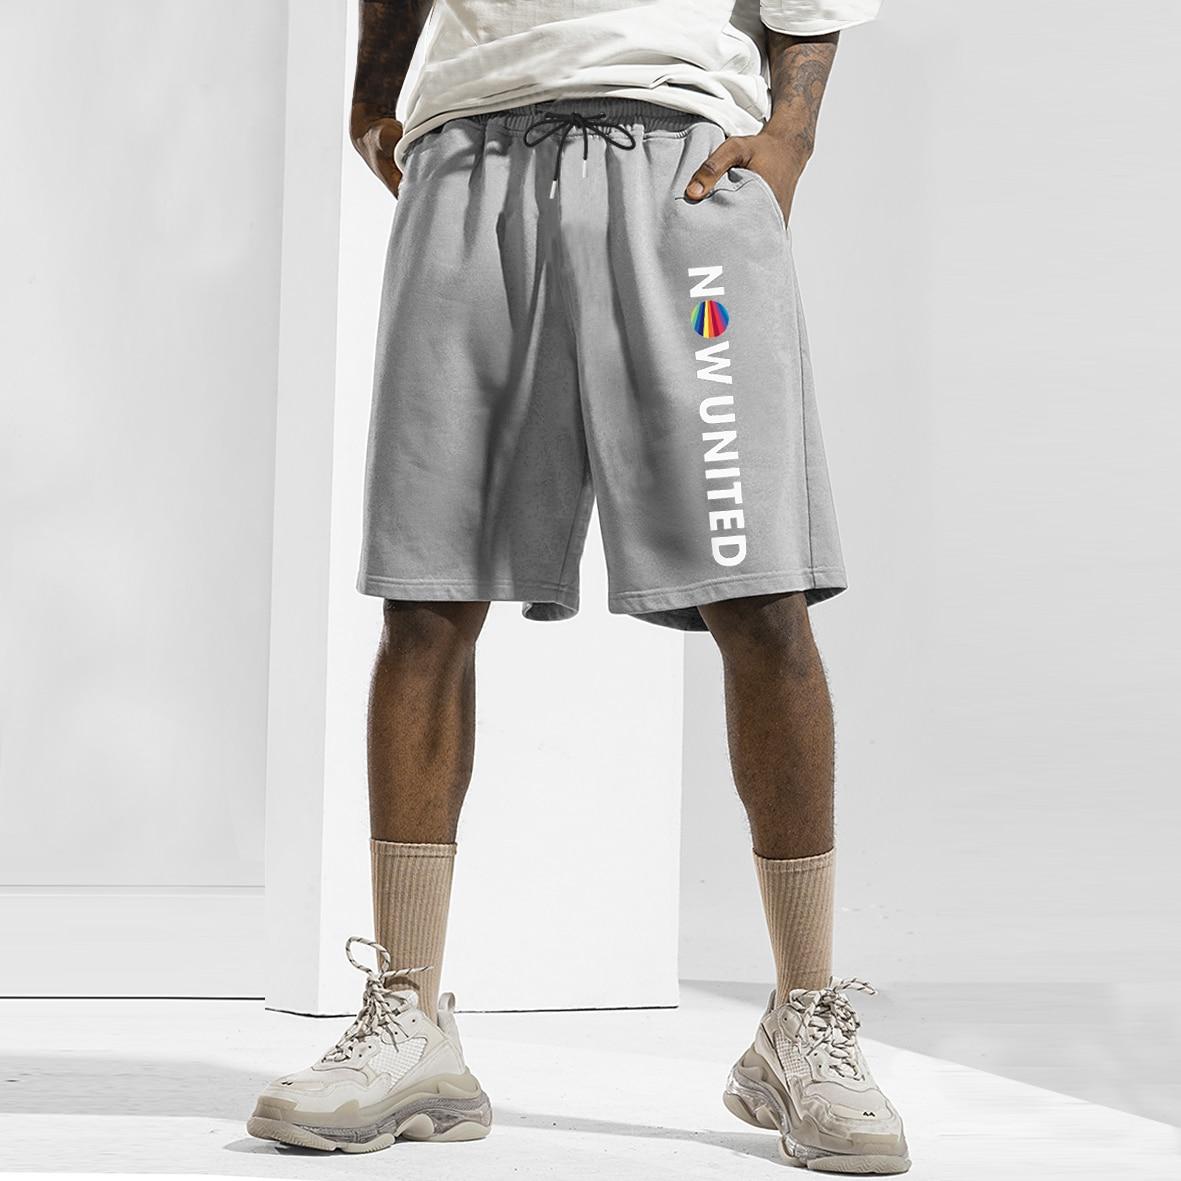 Популярные мужские шорты NOW UNITED, спортивные шорты для бега для мужчин, повседневные летние популярные однотонные шорты с эластичным поясом, ...